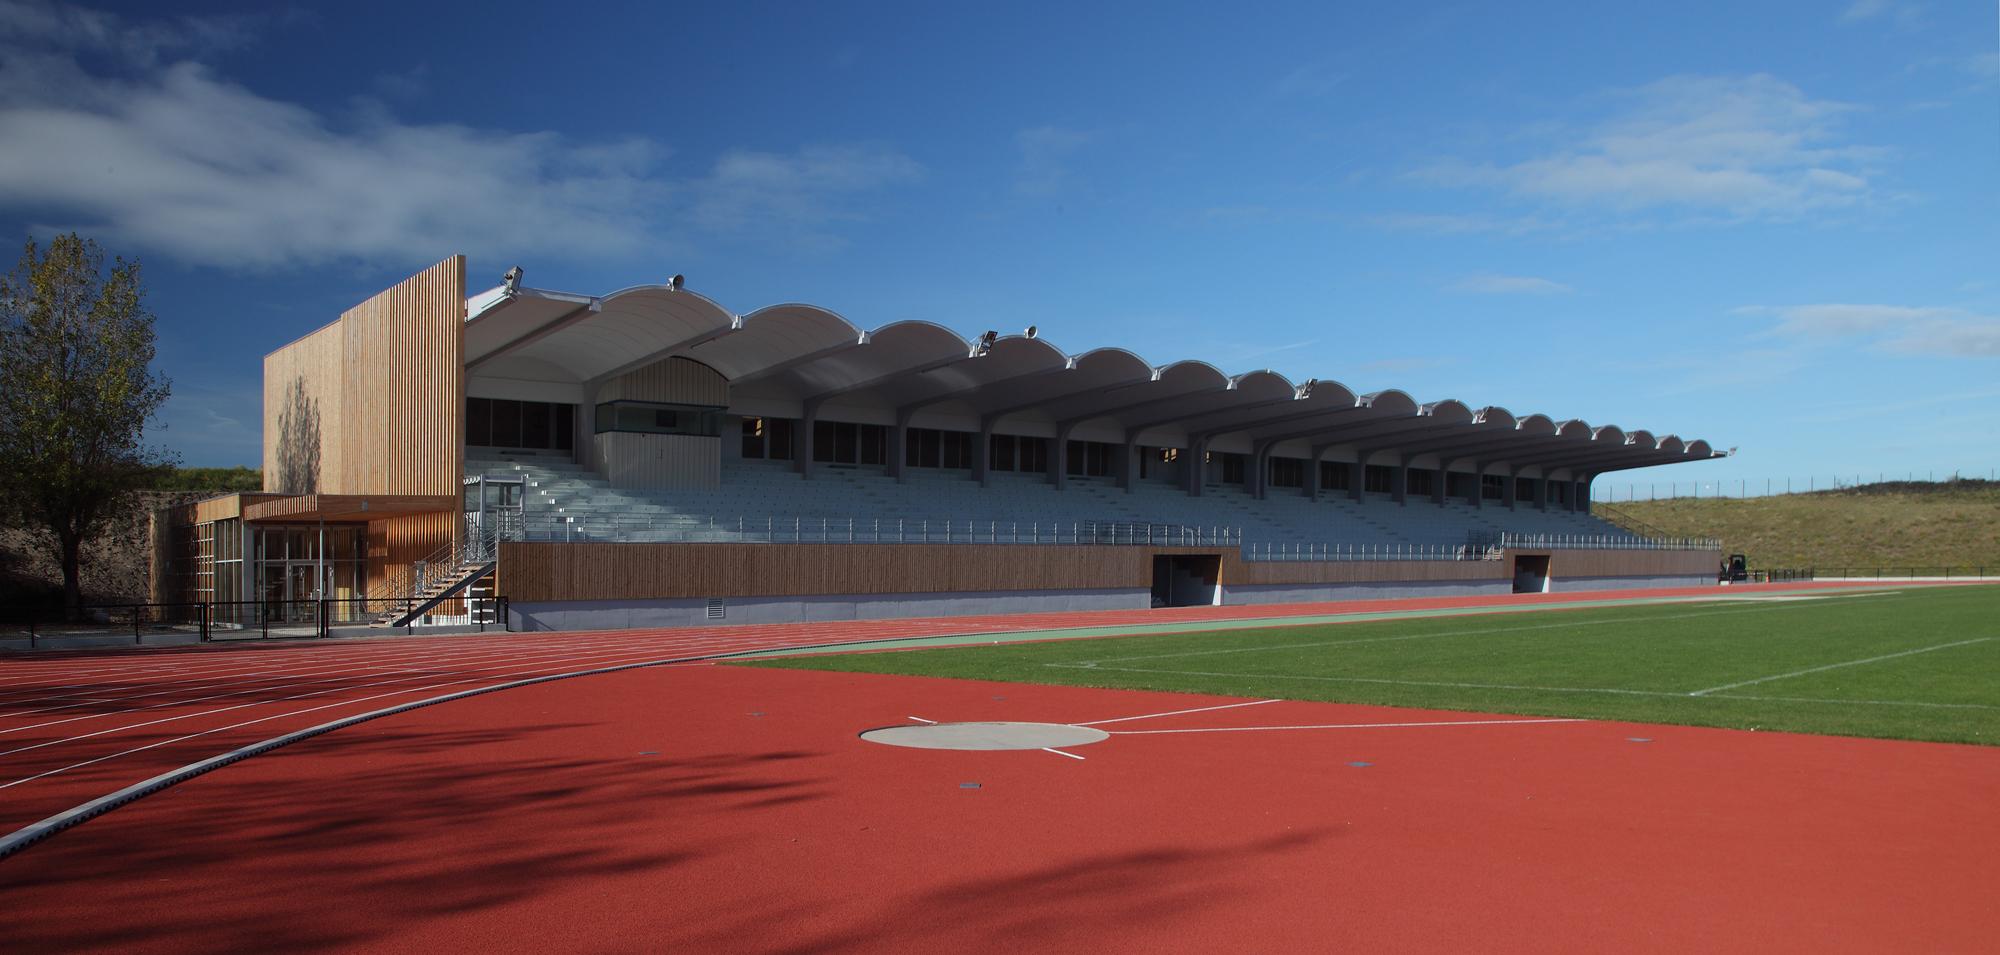 Tribune du stade du souvenir – Polynōme